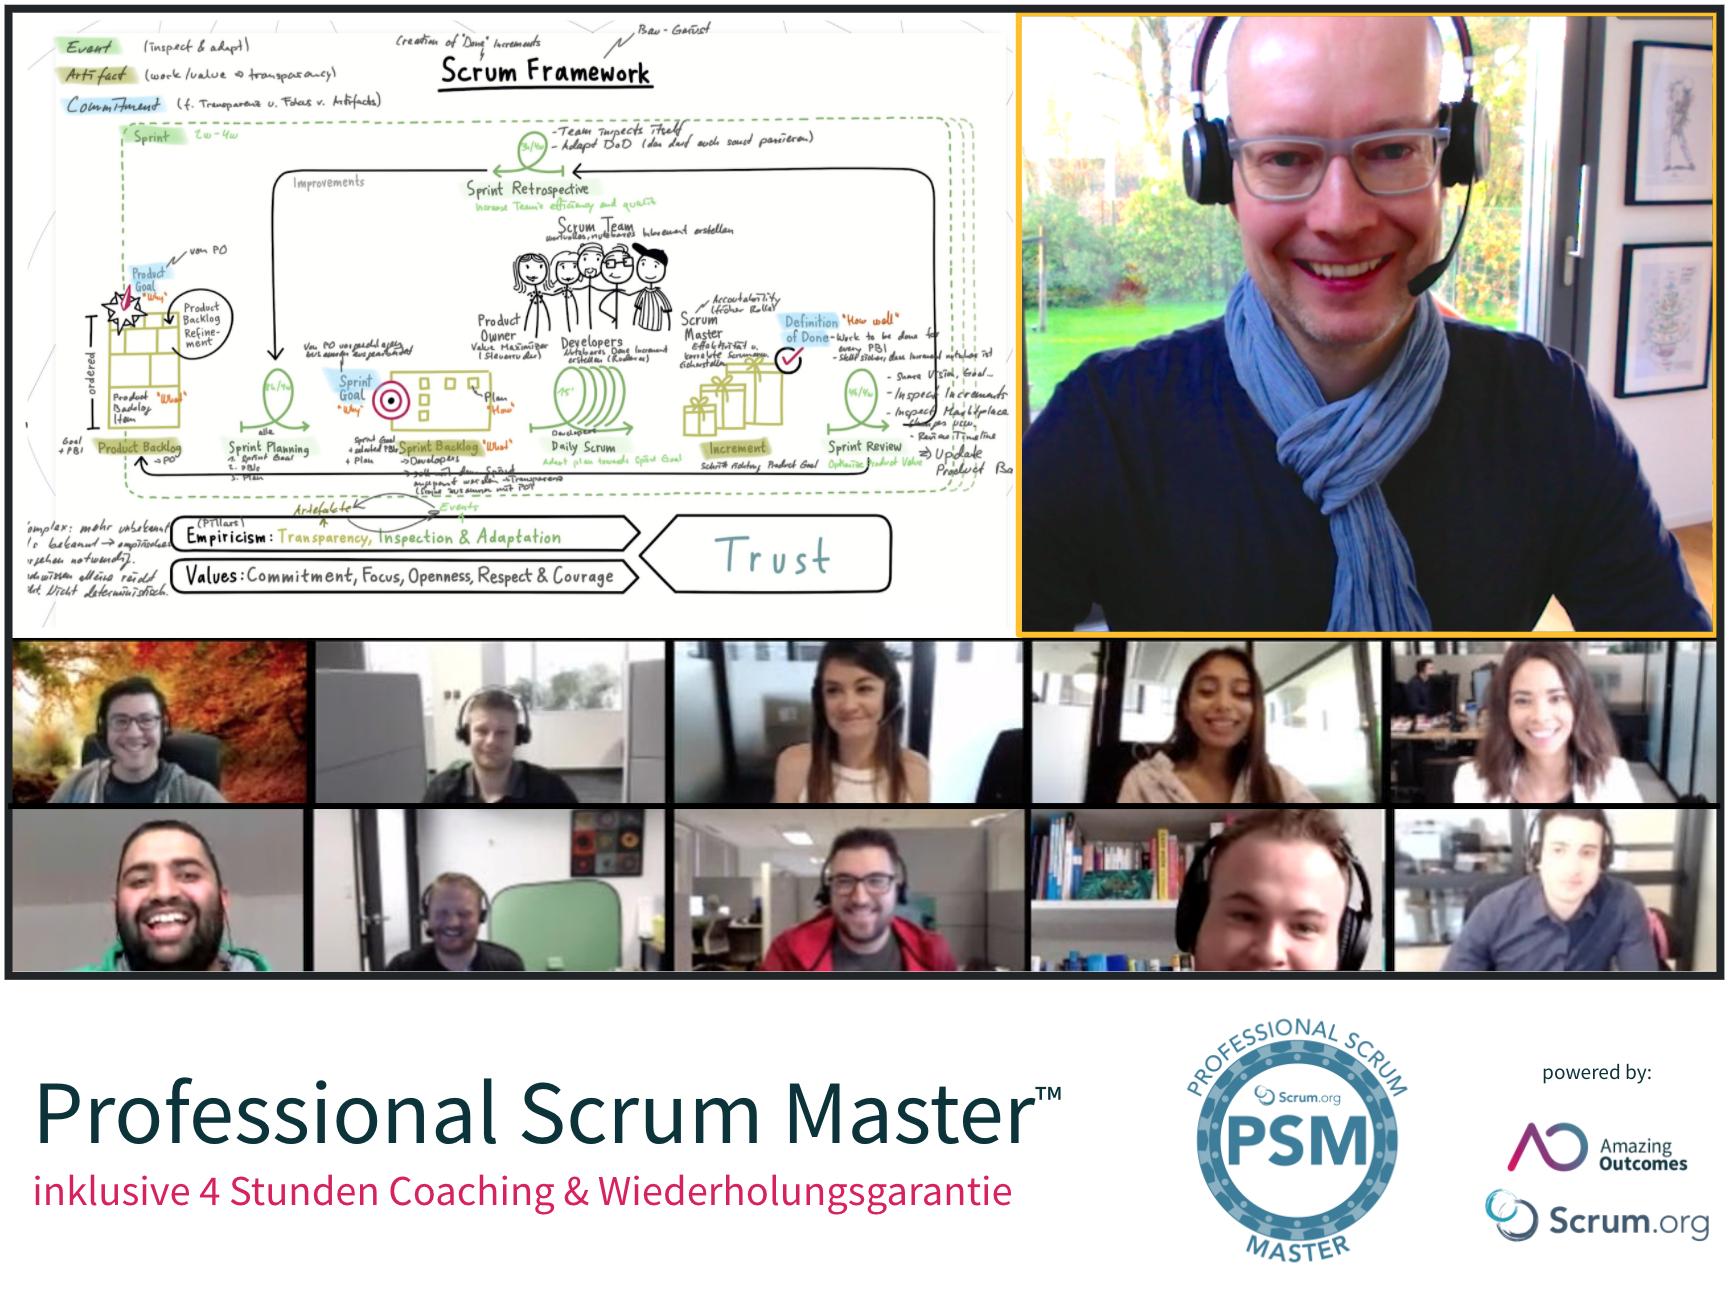 Professional Scrum Master training